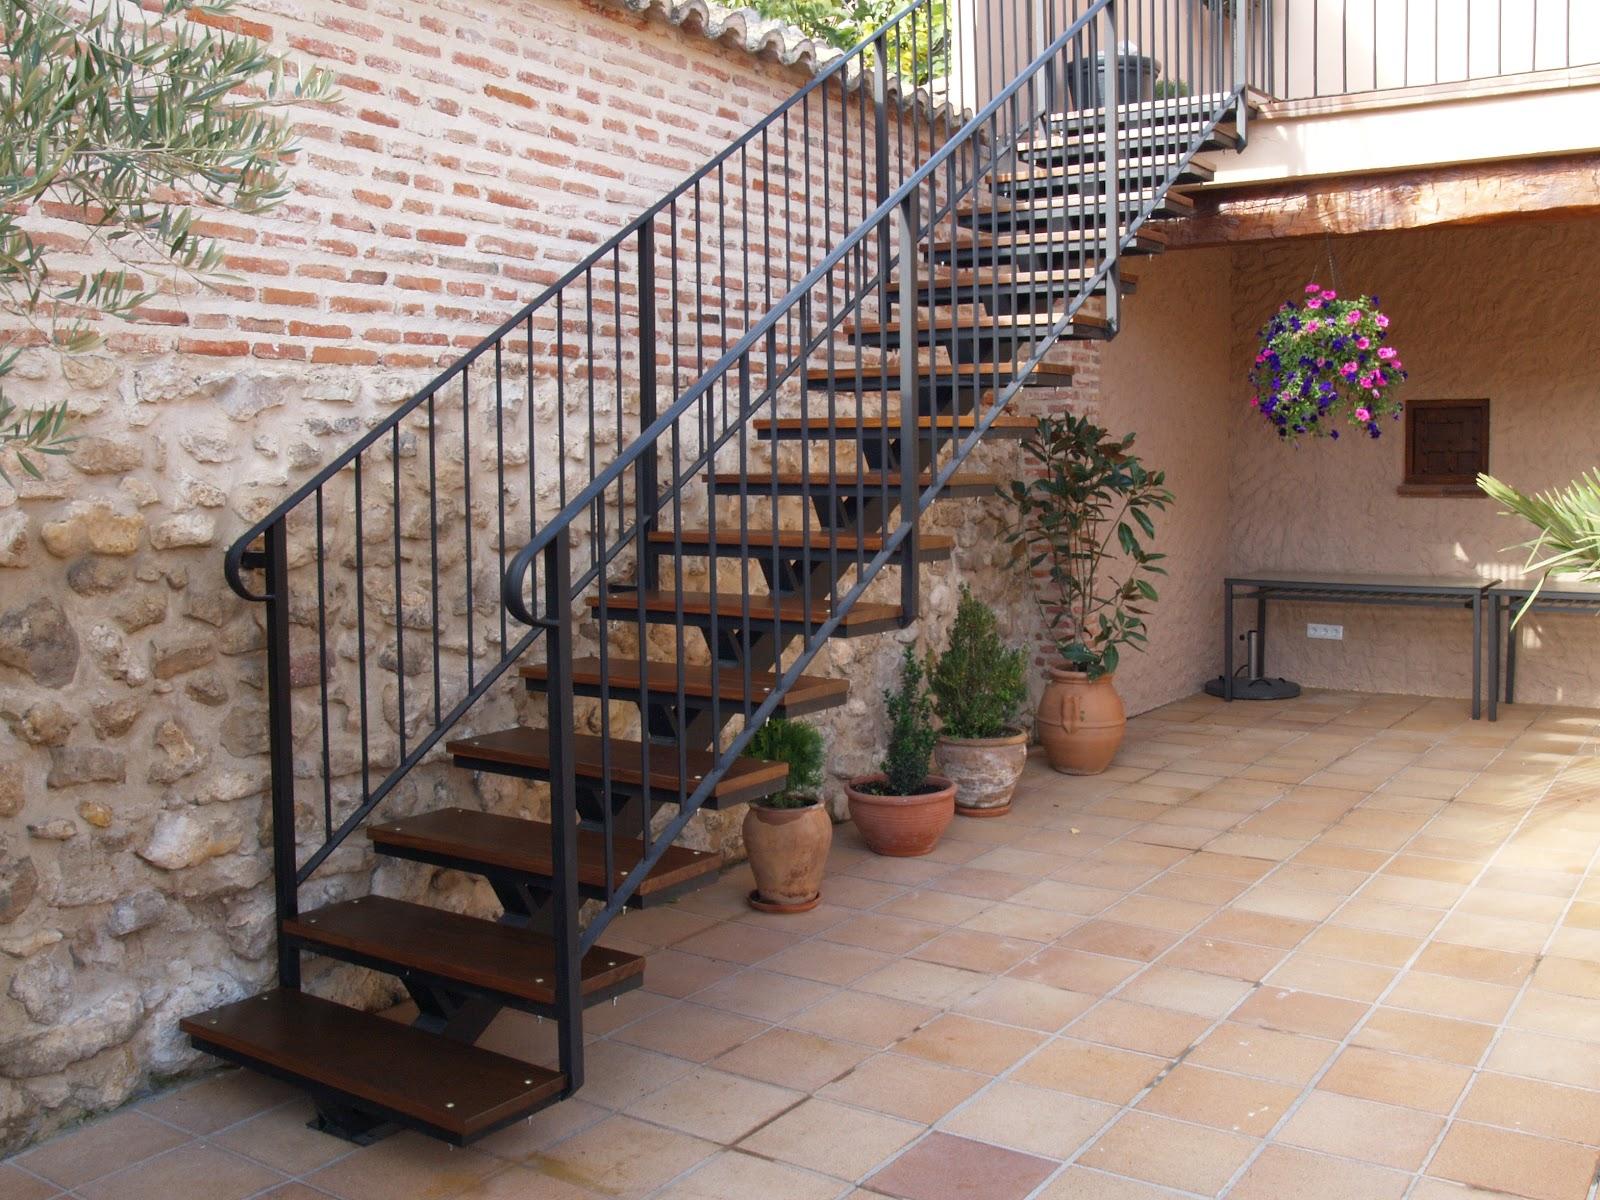 Trabajos lmb escalera exterior - Escaleras de hierro para exterior ...